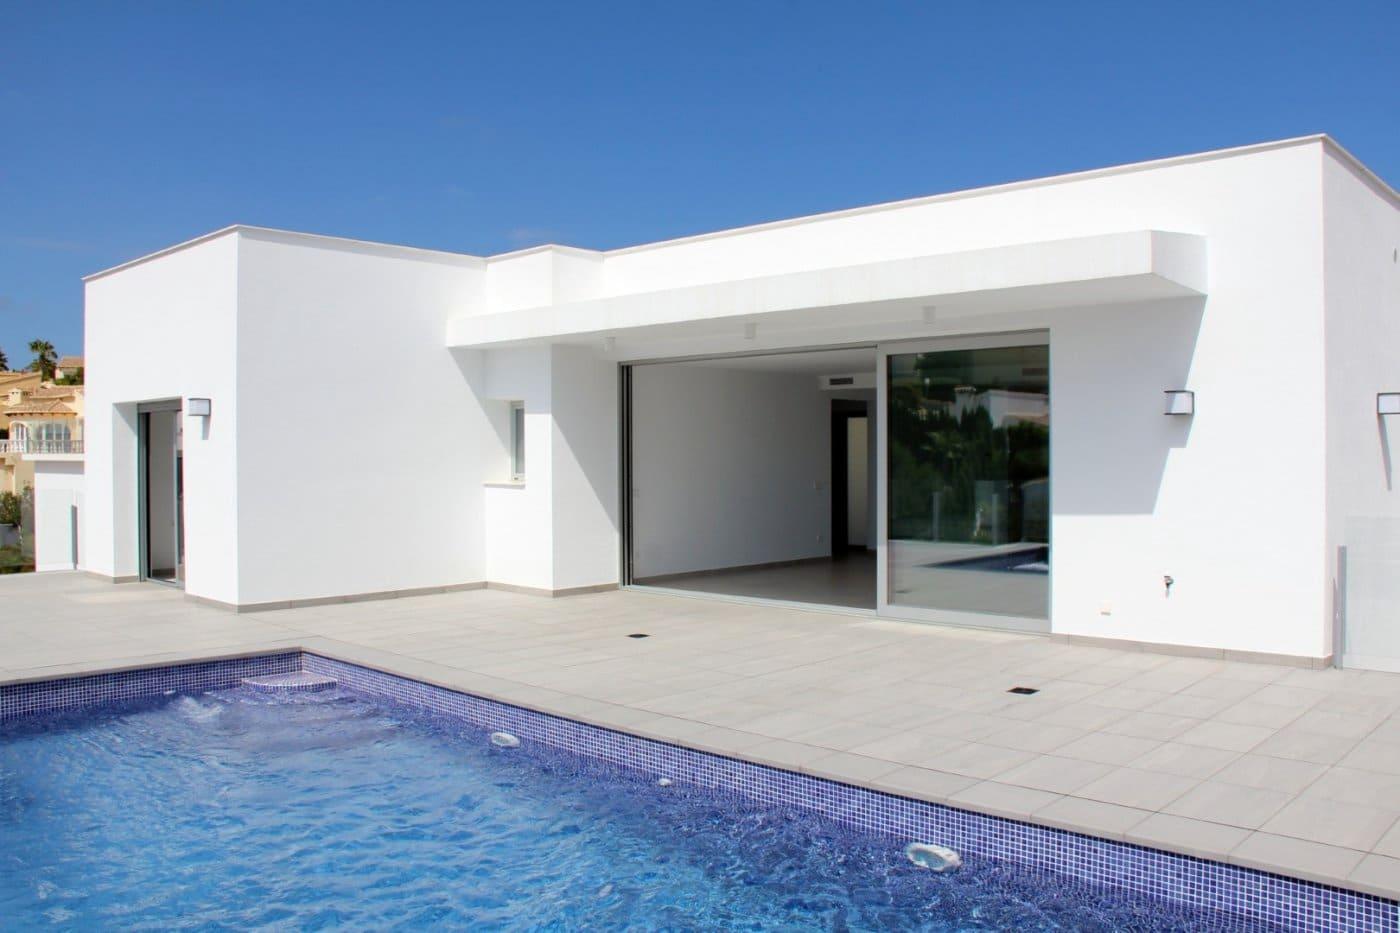 3 bedroom Villa for sale in Cumbre del Sol with pool garage - € 769,000 (Ref: 6186401)